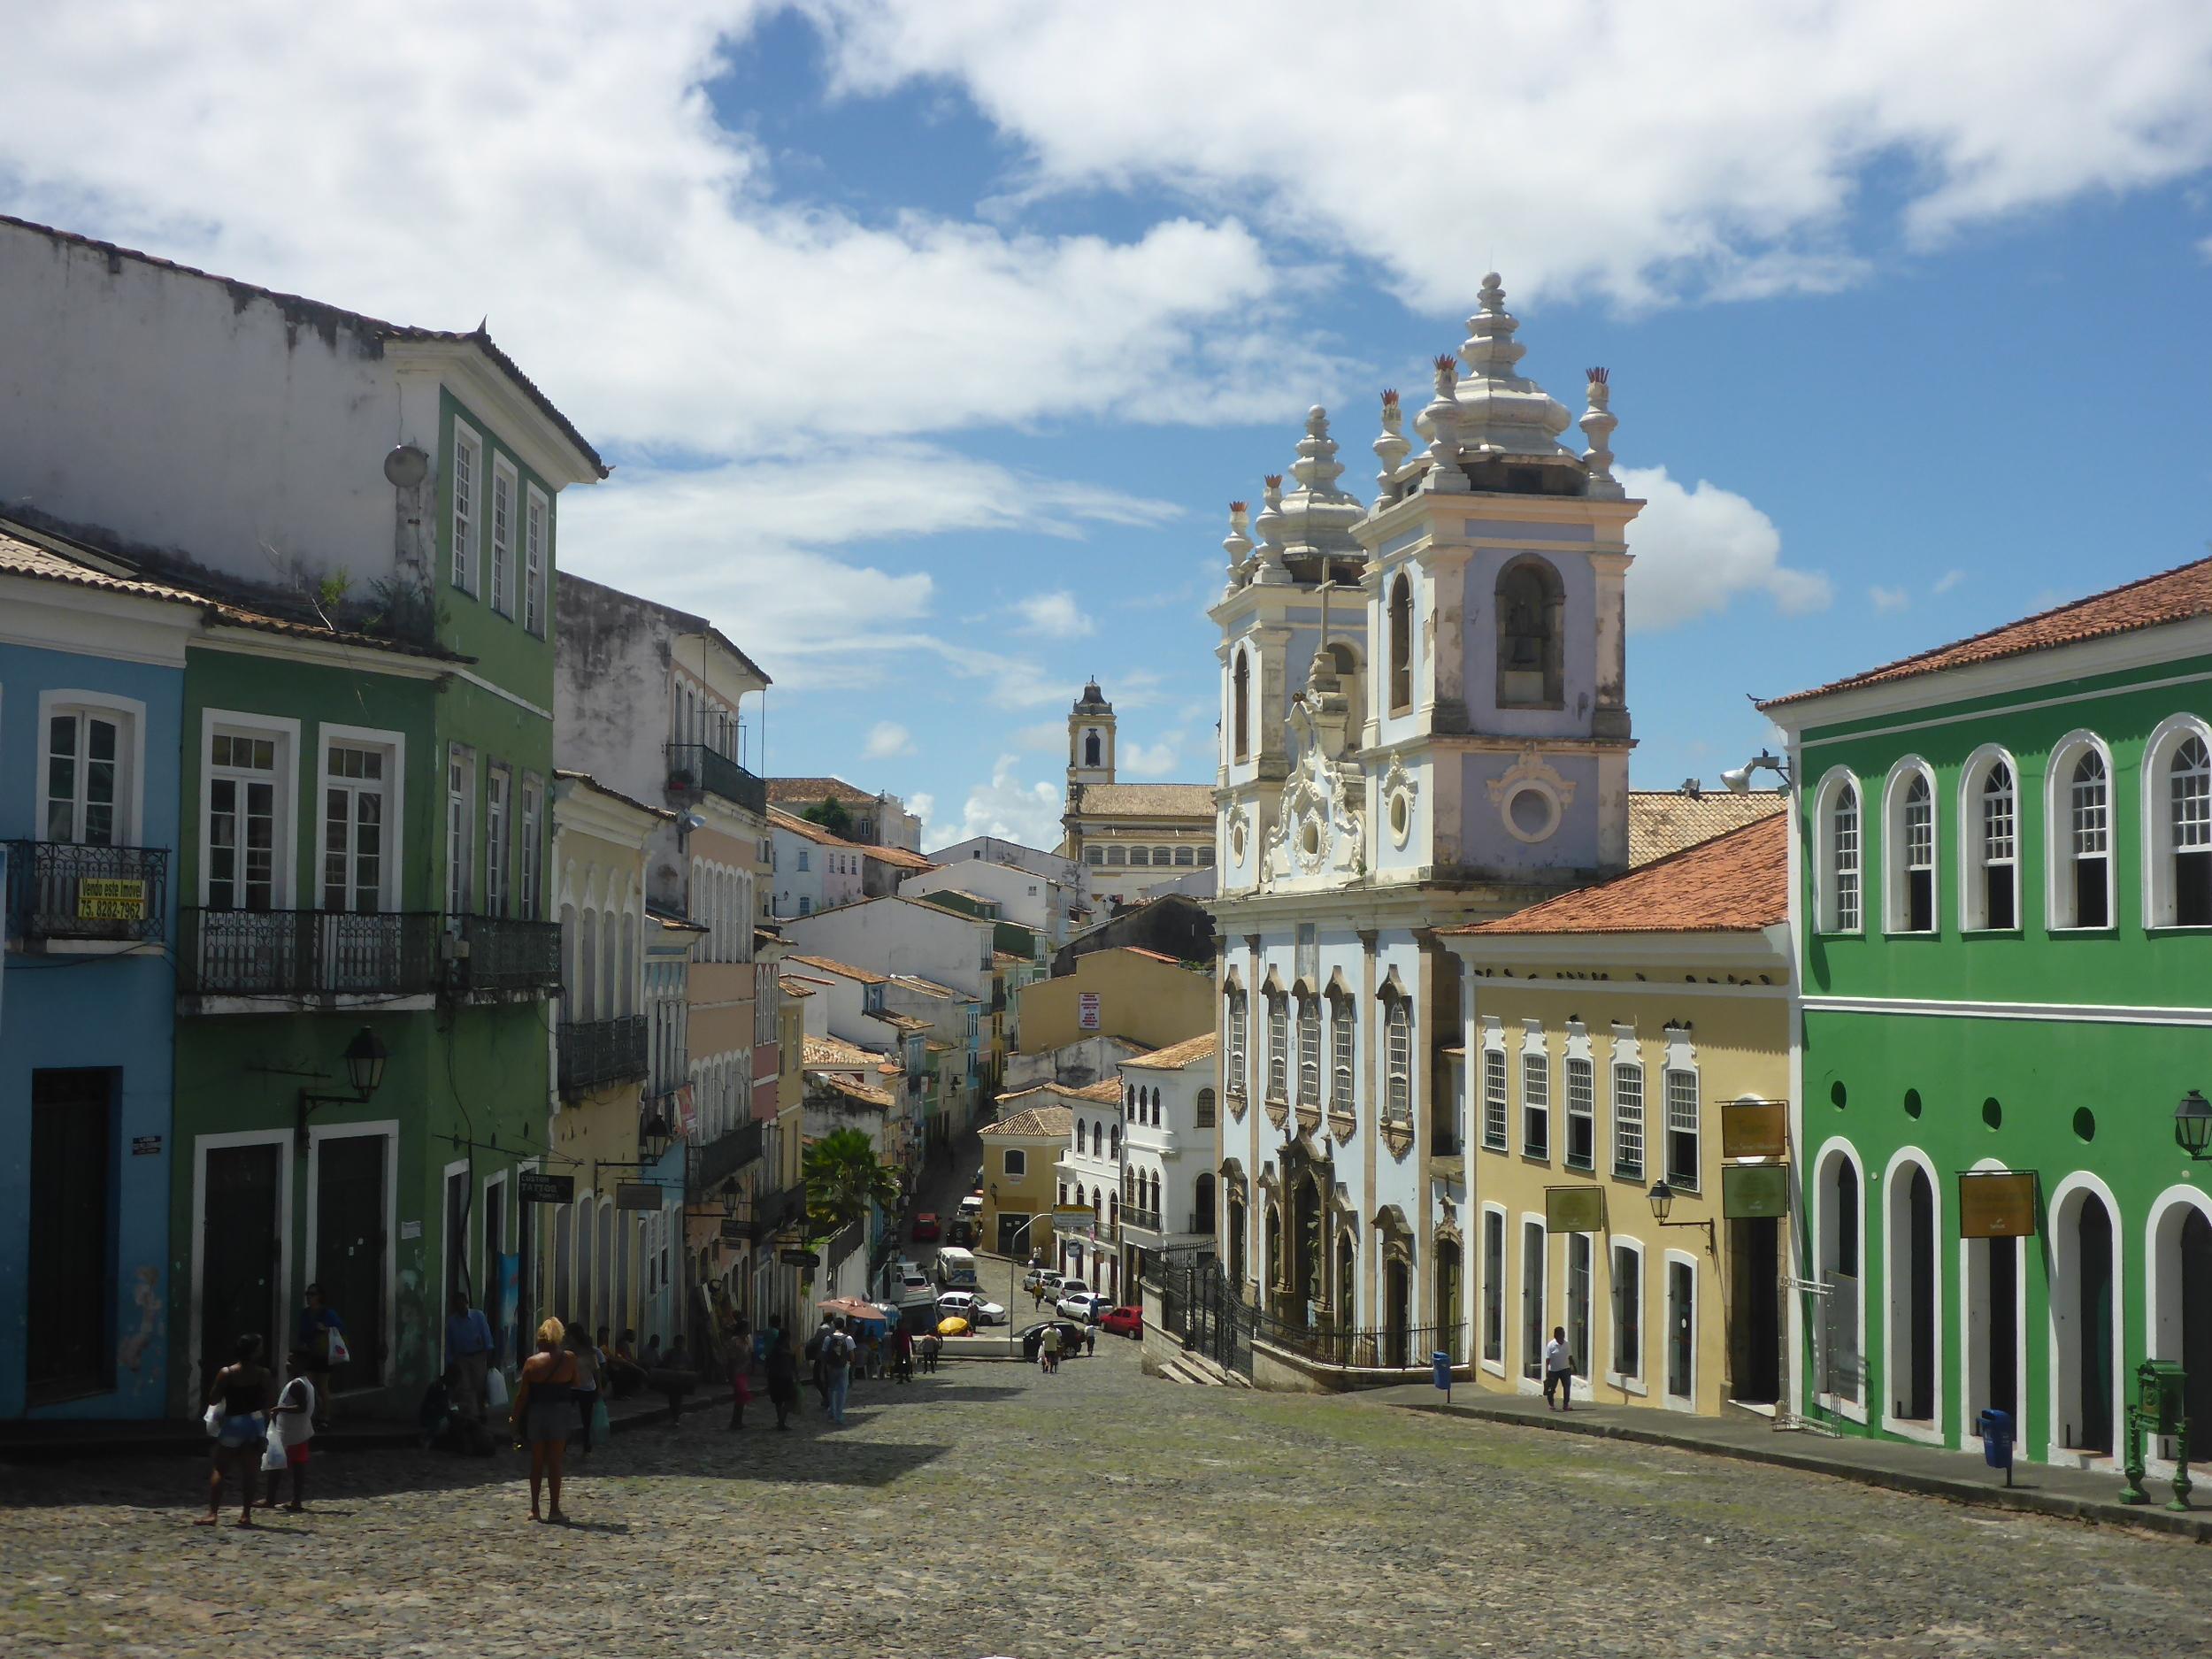 largo do Pelourinho - the site of the original Pelourinho (whipping post)